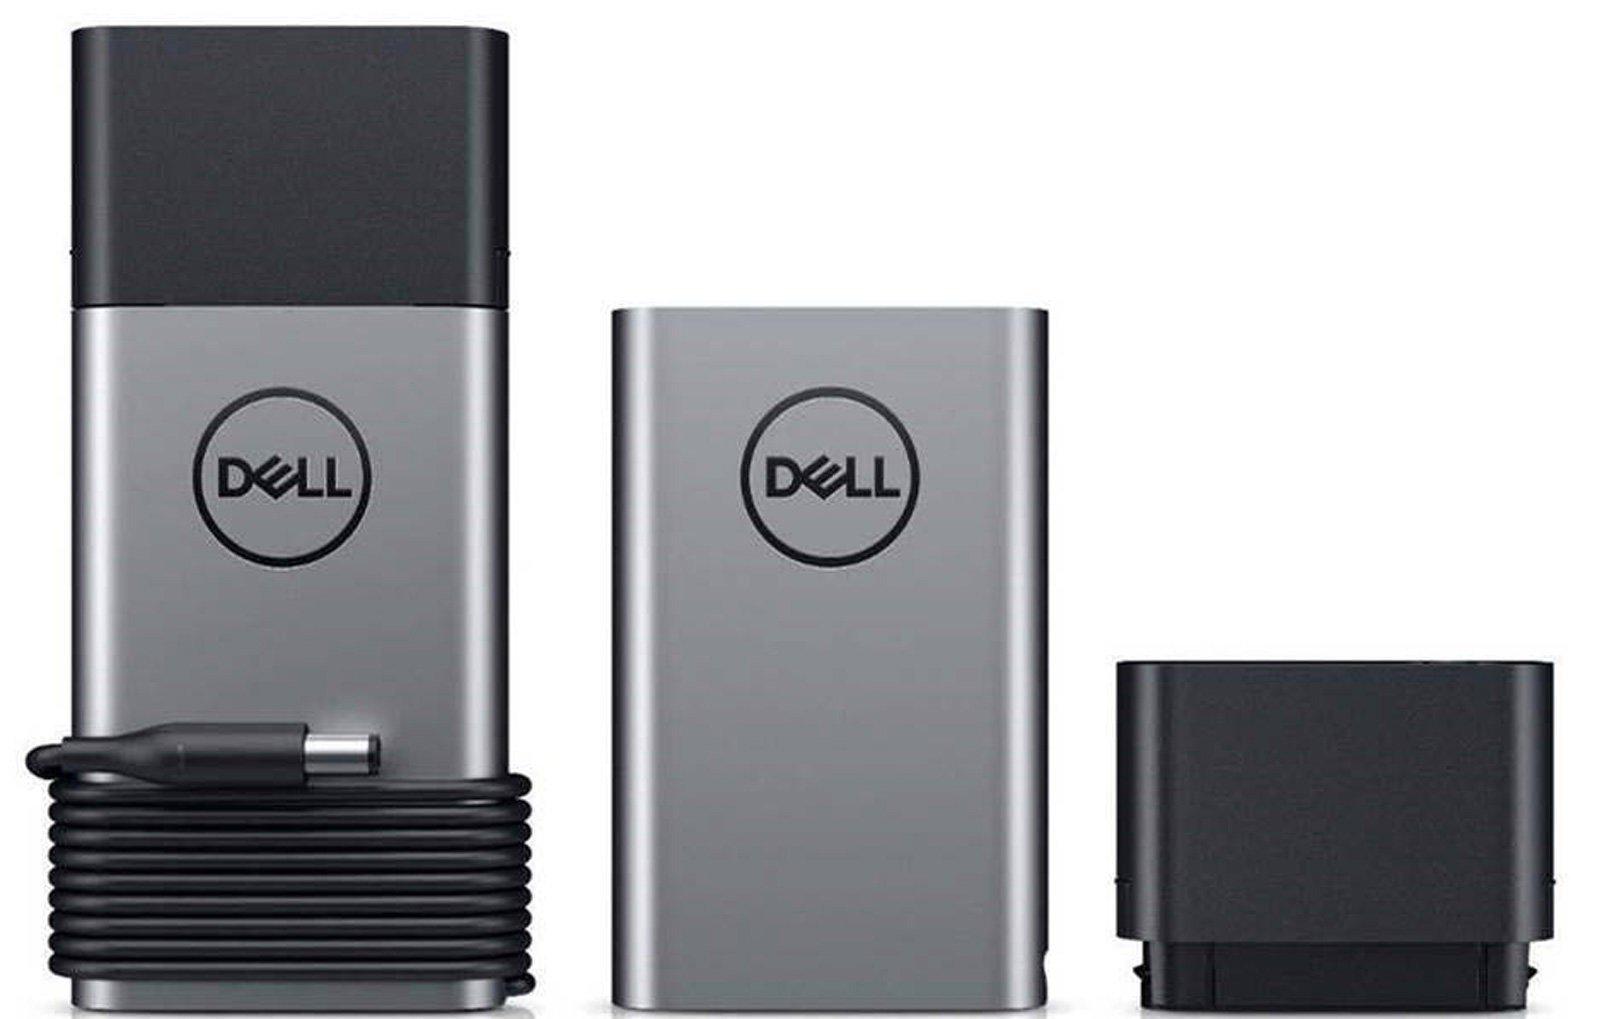 Dell thu hồi hơn 9000 bộ điều hợp nguồn do nguy cơ sốc điện